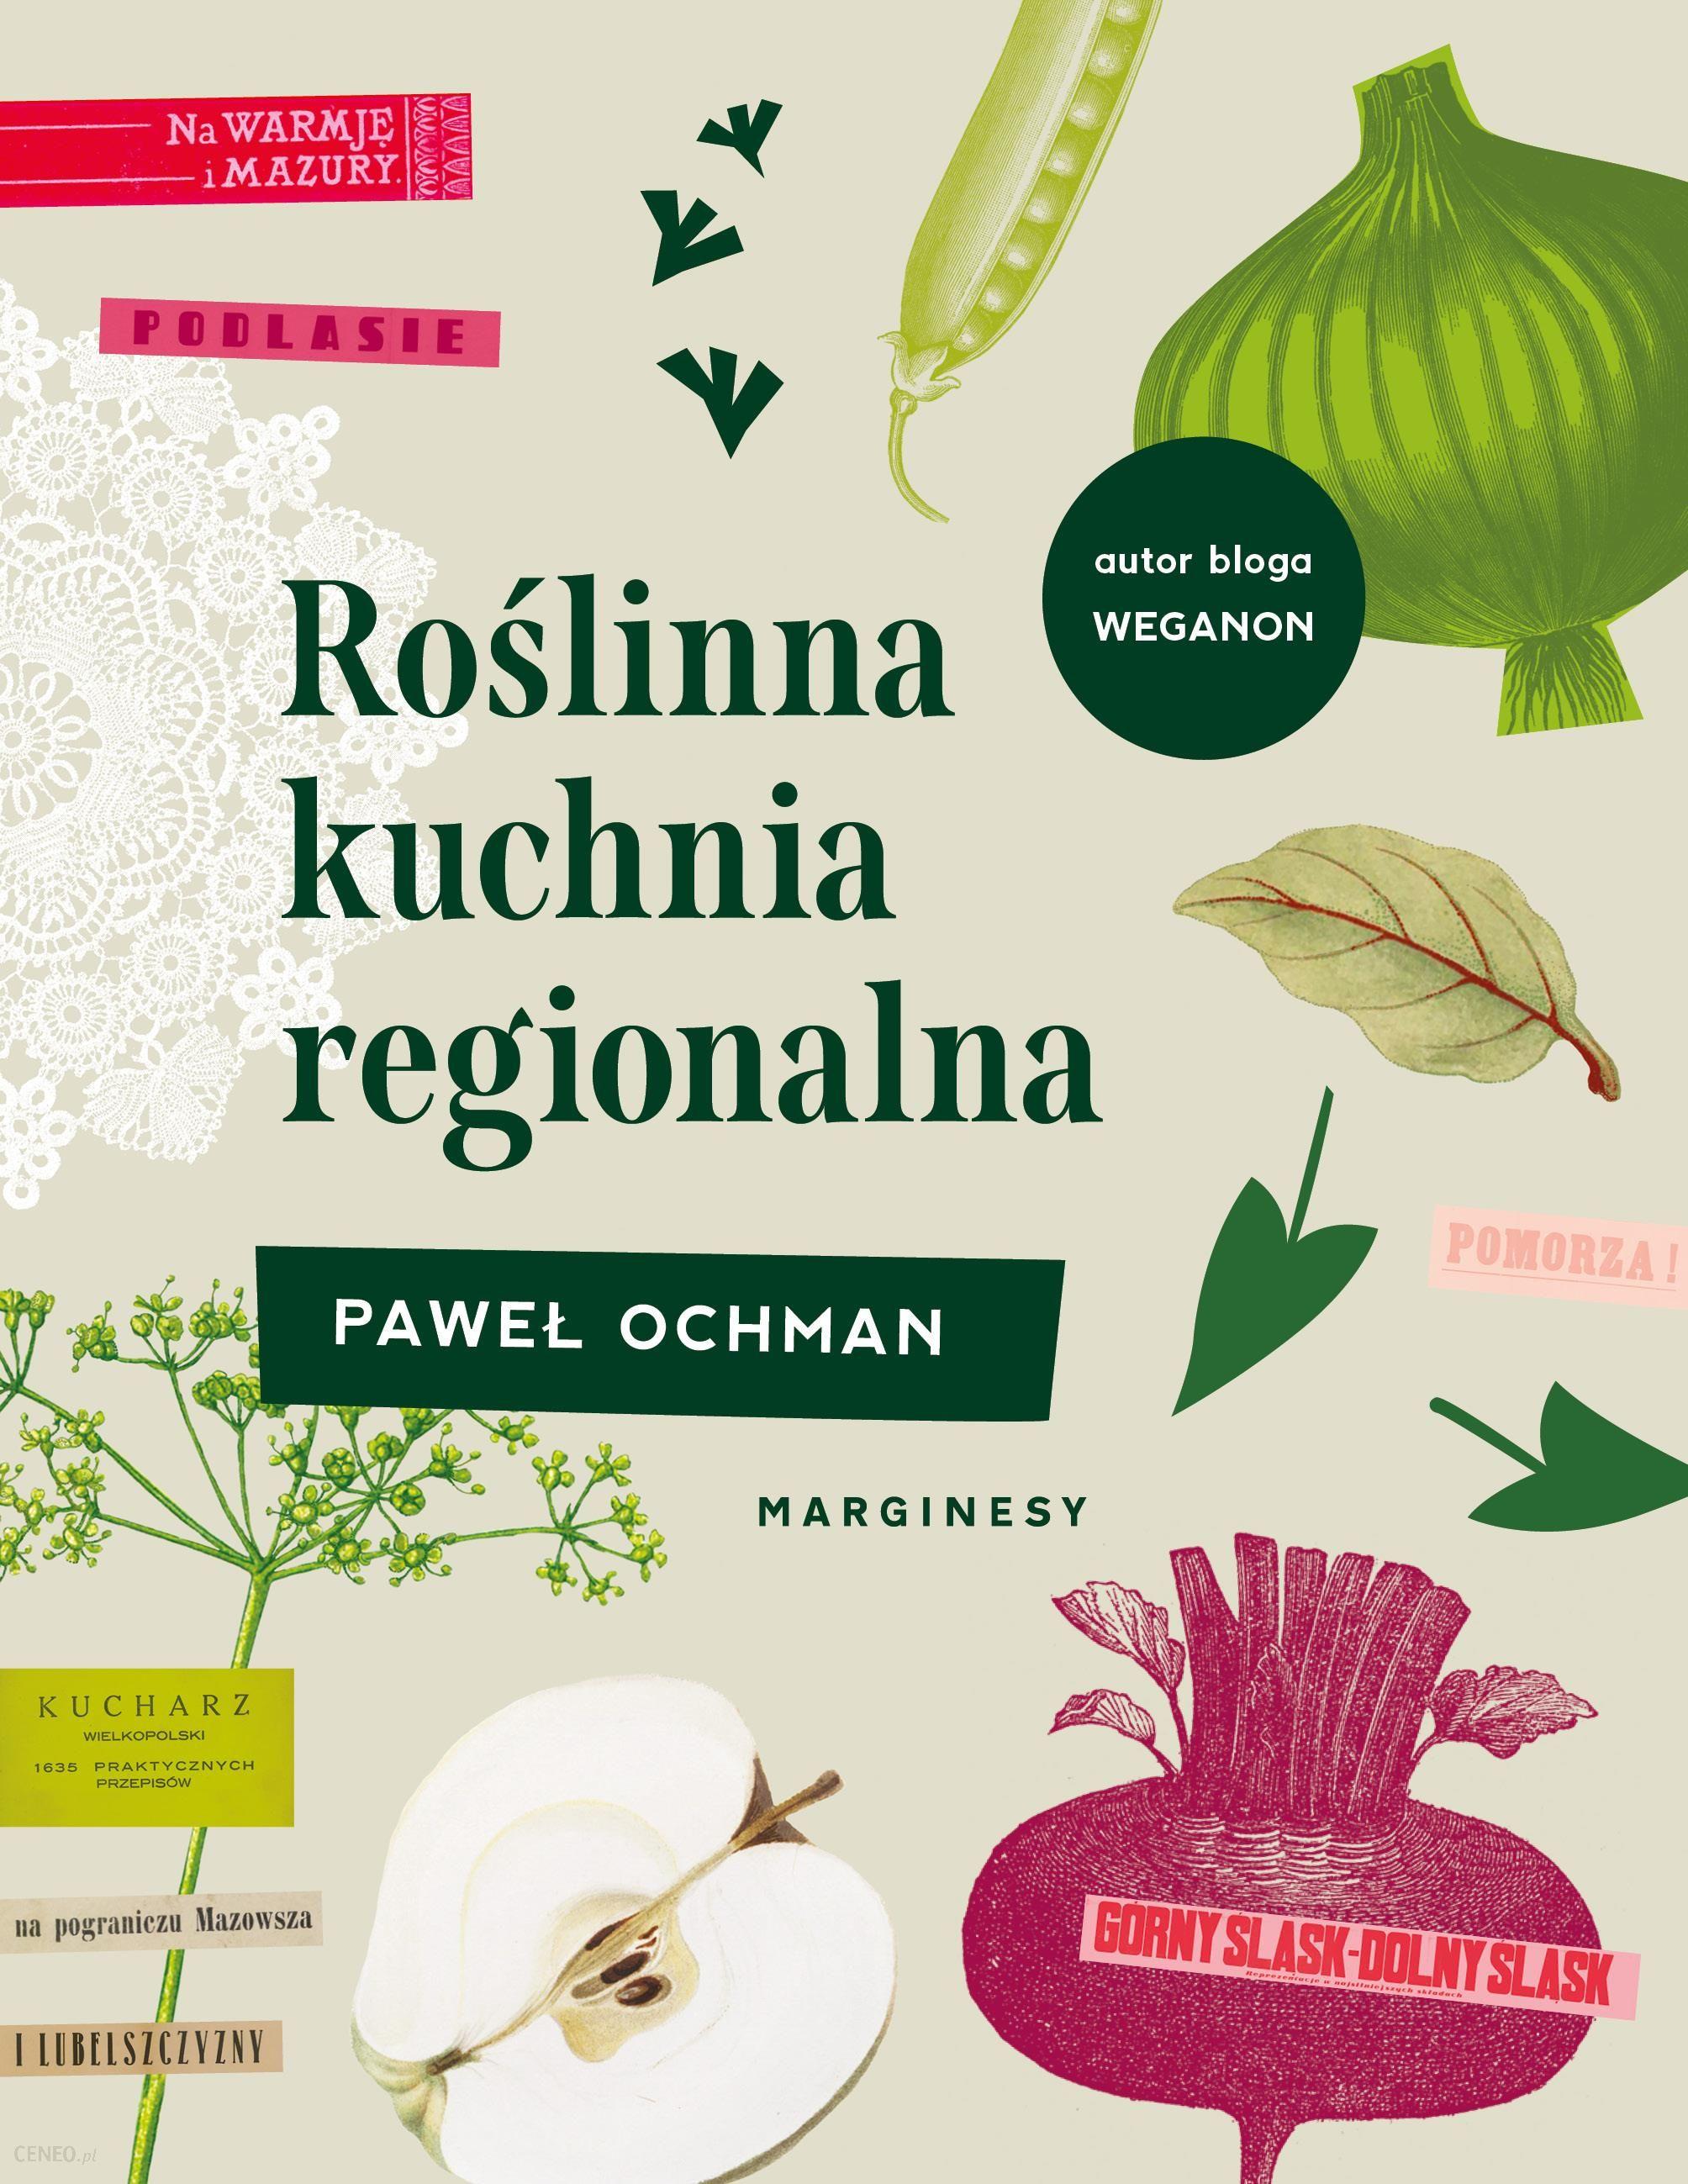 Roslinna Kuchnia Regionalna Ceny I Opinie Ceneo Pl